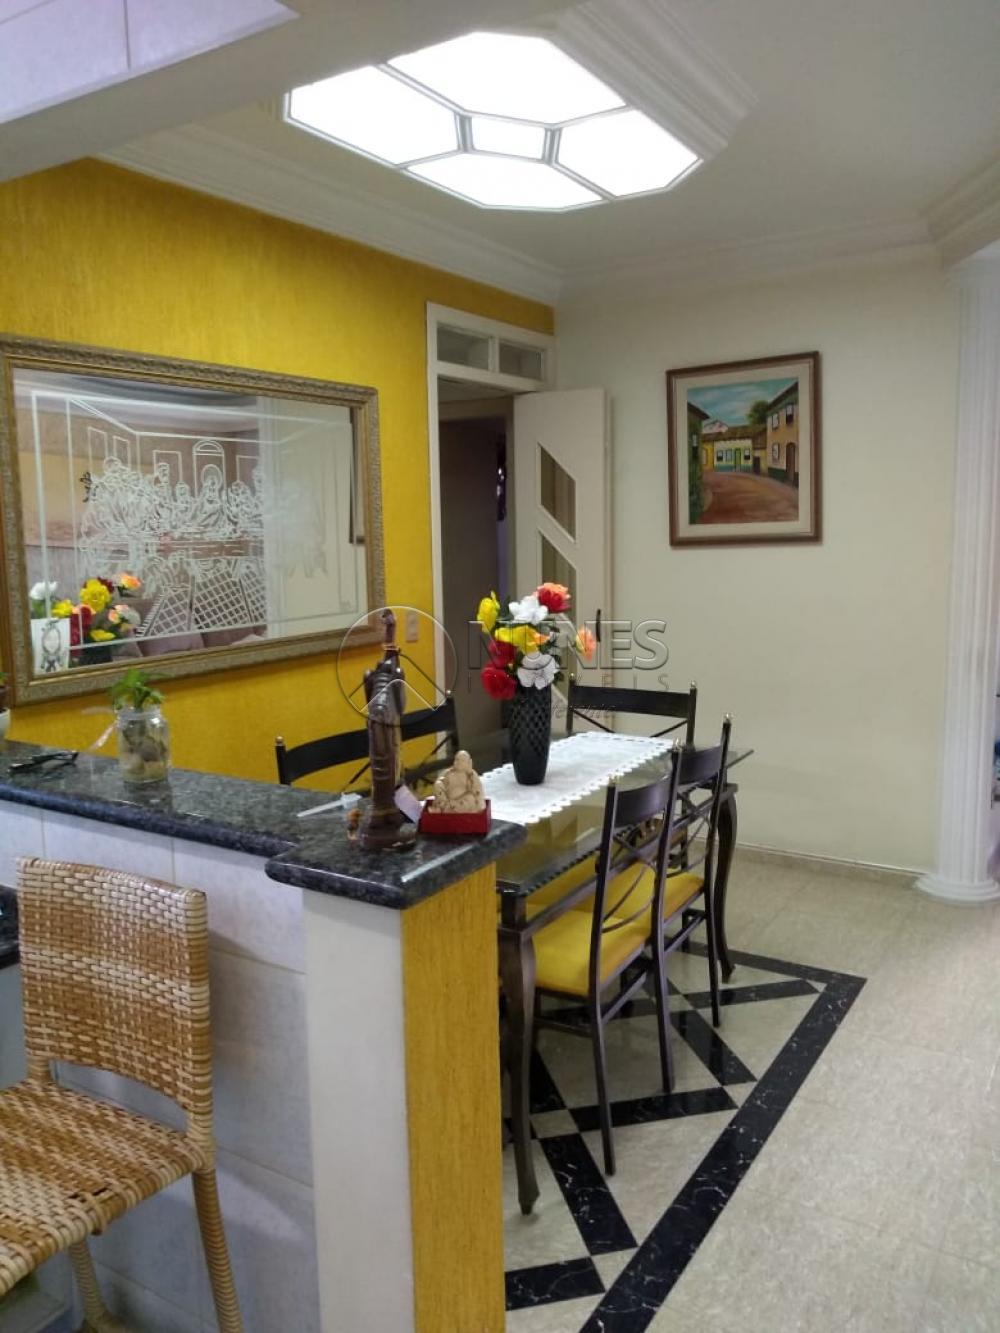 Comprar Apartamento / Padrão em Osasco apenas R$ 500.000,00 - Foto 8